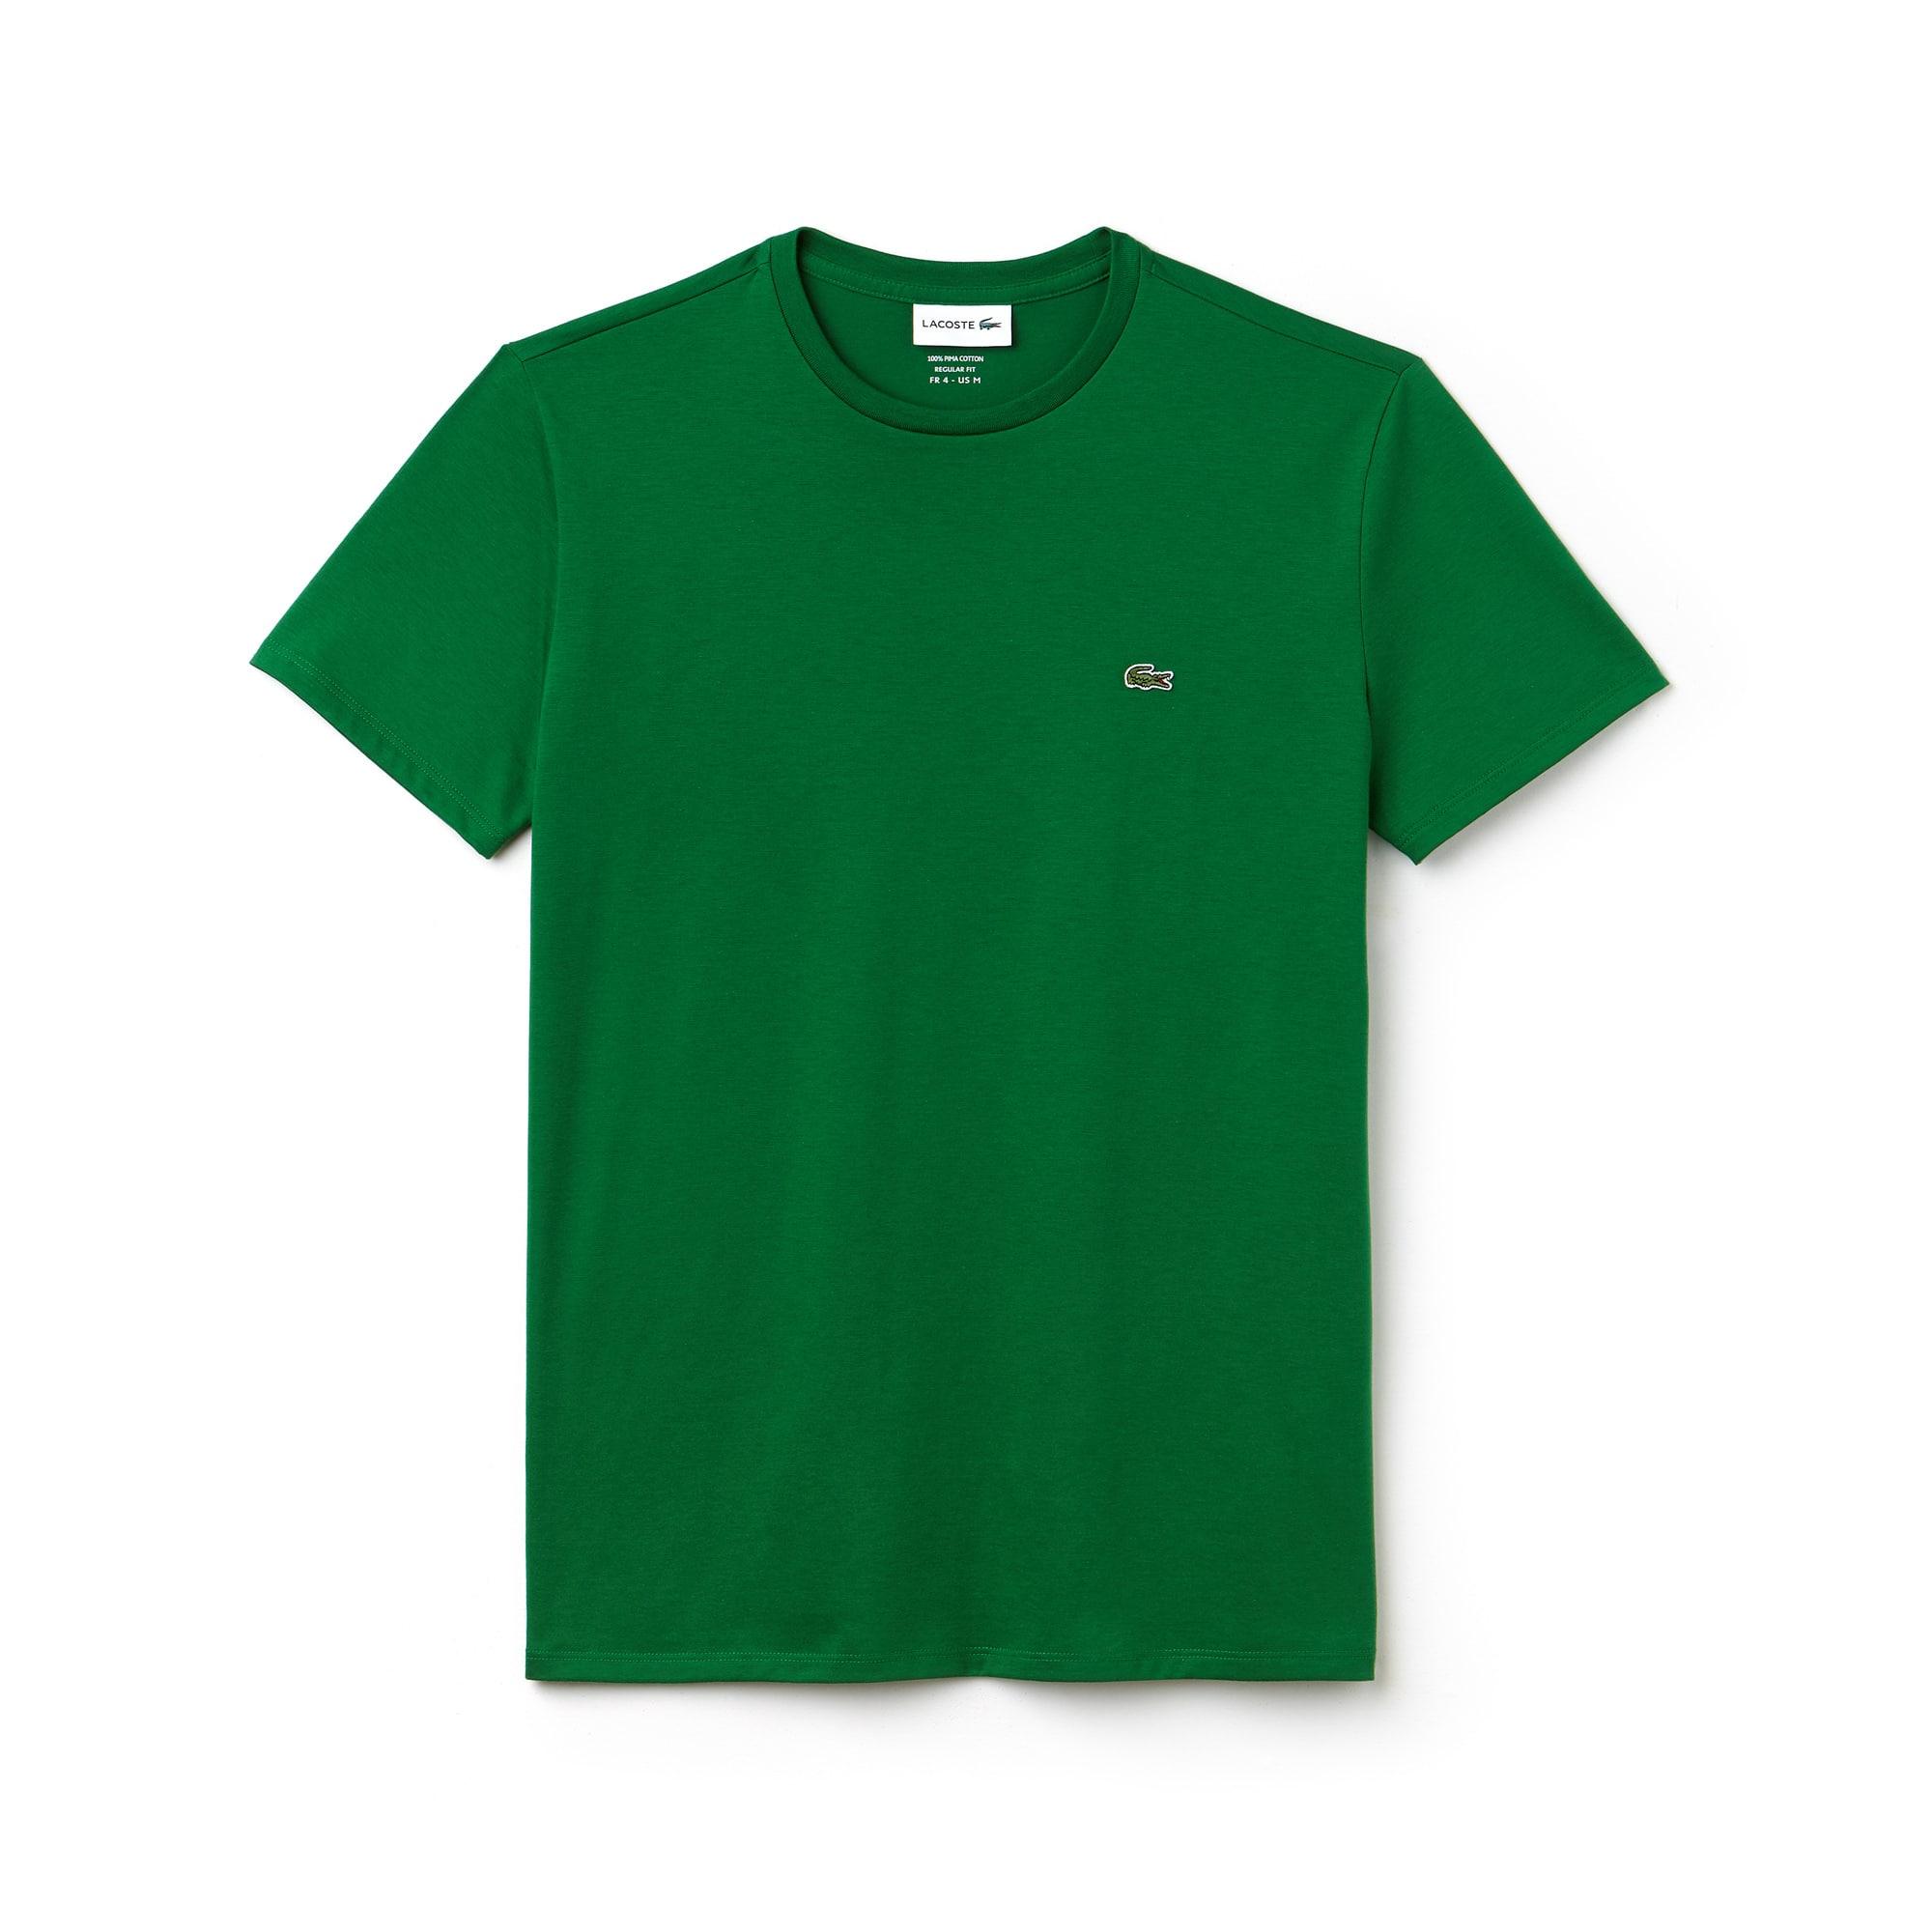 Camiseta Lacoste em Jérsei de Algodão Pima Branca